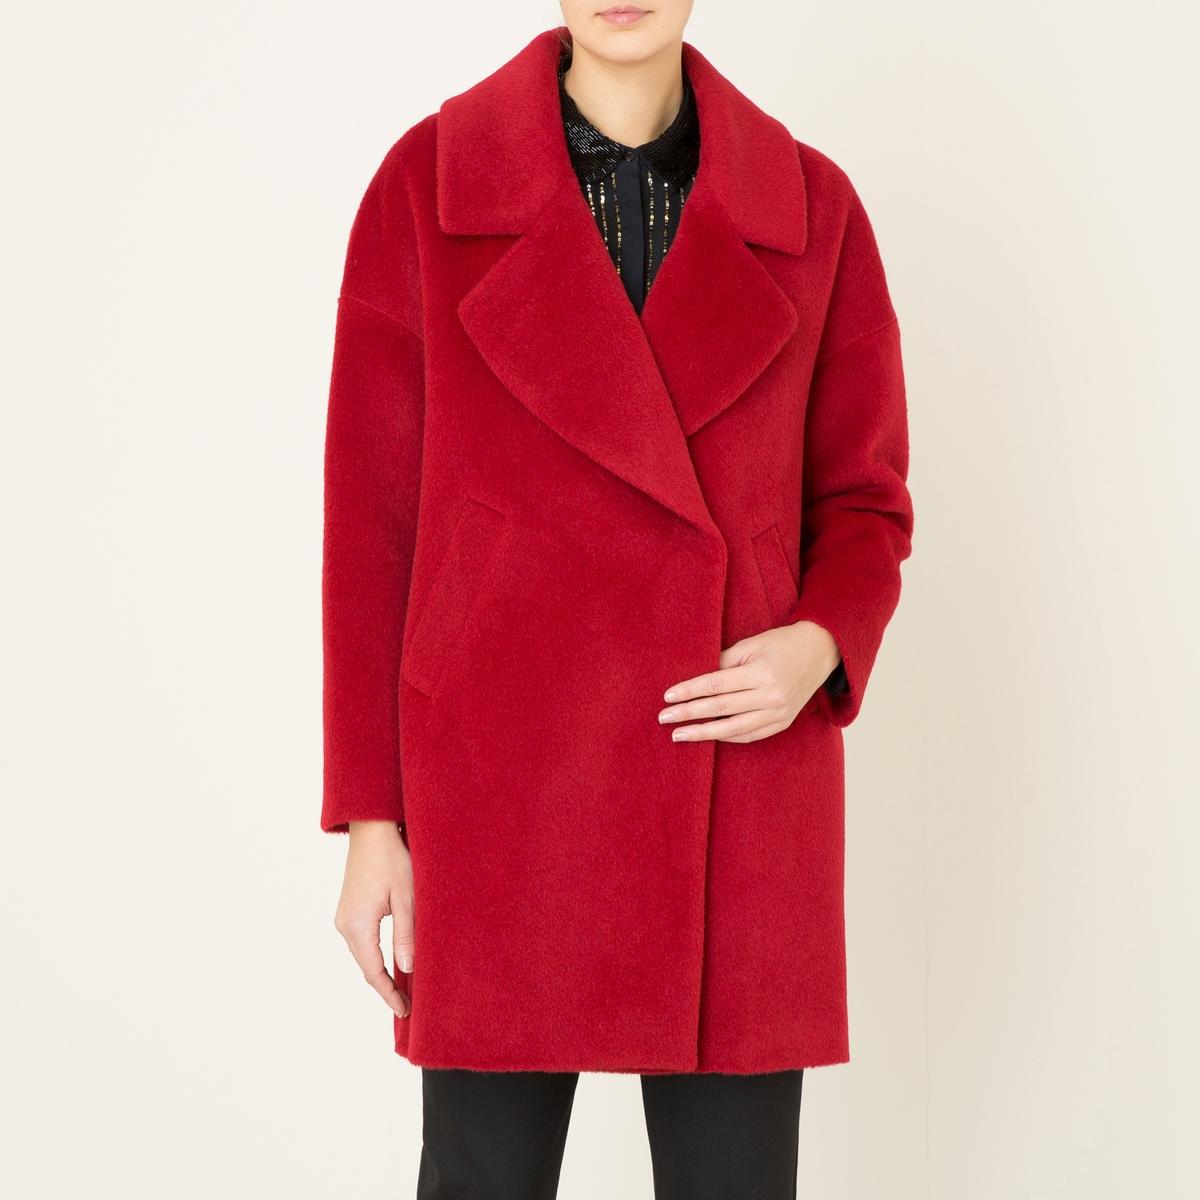 Пальто покроя оверсайзПальто LA BRAND BOUTIQUE - покрой оверсайз, средней длины. Широкий костюмный зубчатый воротник. Боковые карманы реглан. С запахом. Застежка на 2 кнопки. Полностью на подкладке.Состав и описание    Материал : 42% шерсти, 25% мохера, 25% альпаки, 8% полиамида   Подкладка    : 100% ацетат   Длина : посередине сзади 90 см. (для размера 36)   Марка : LA BRAND BOUTIQUE<br><br>Цвет: красный<br>Размер: 40 (FR) - 46 (RUS)